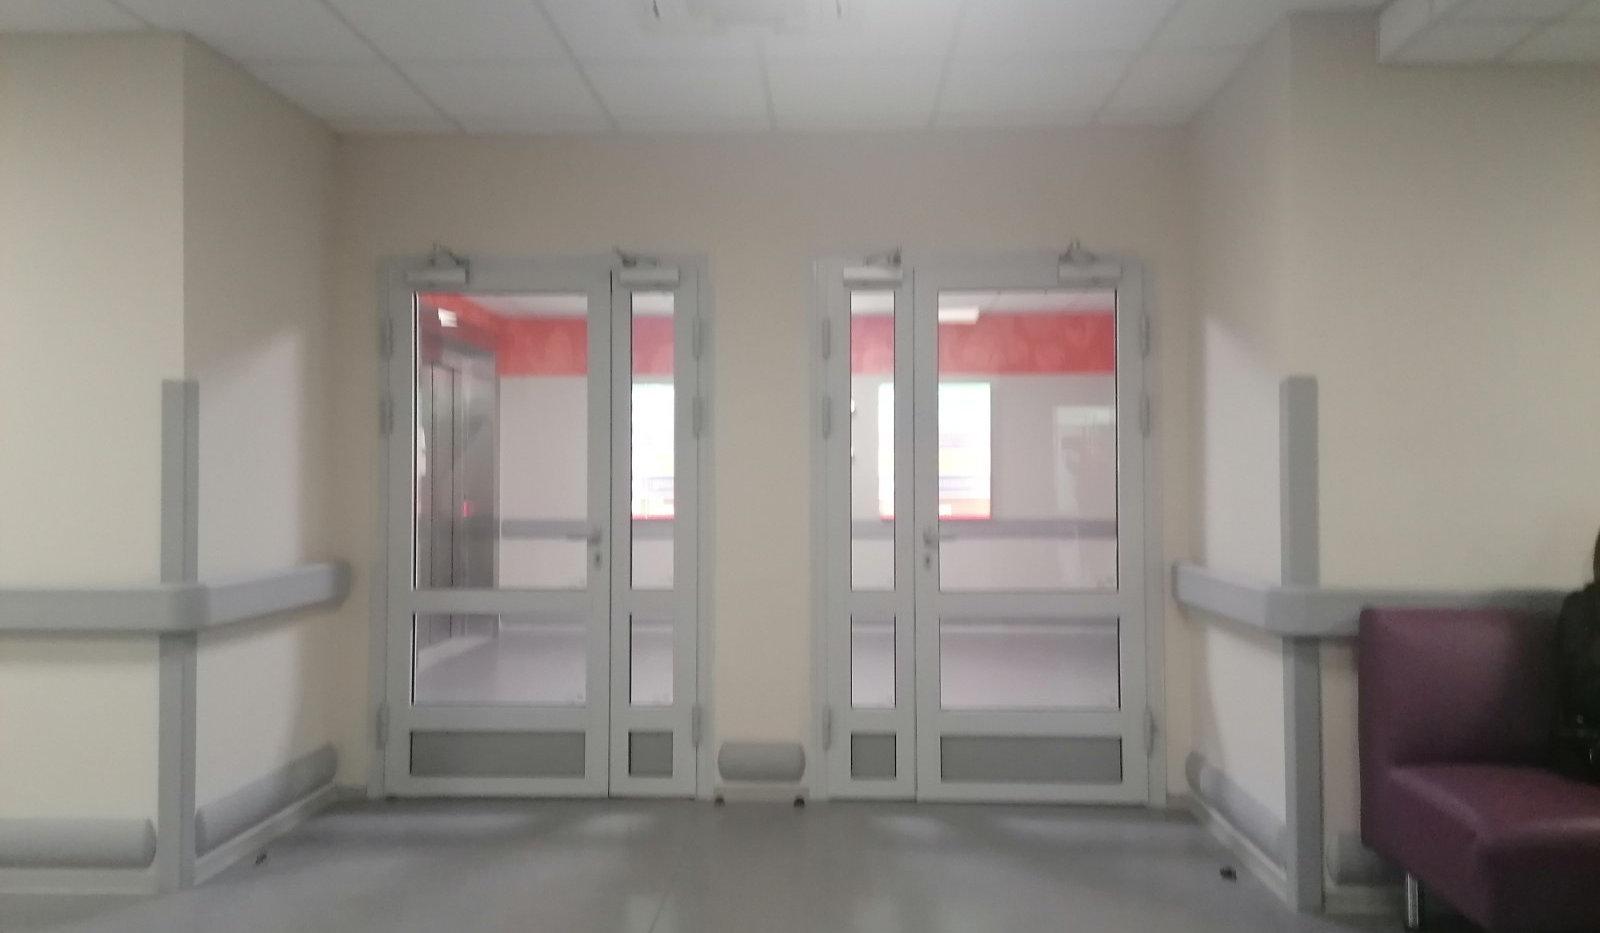 двери противопожарные медицинские 4.jpg